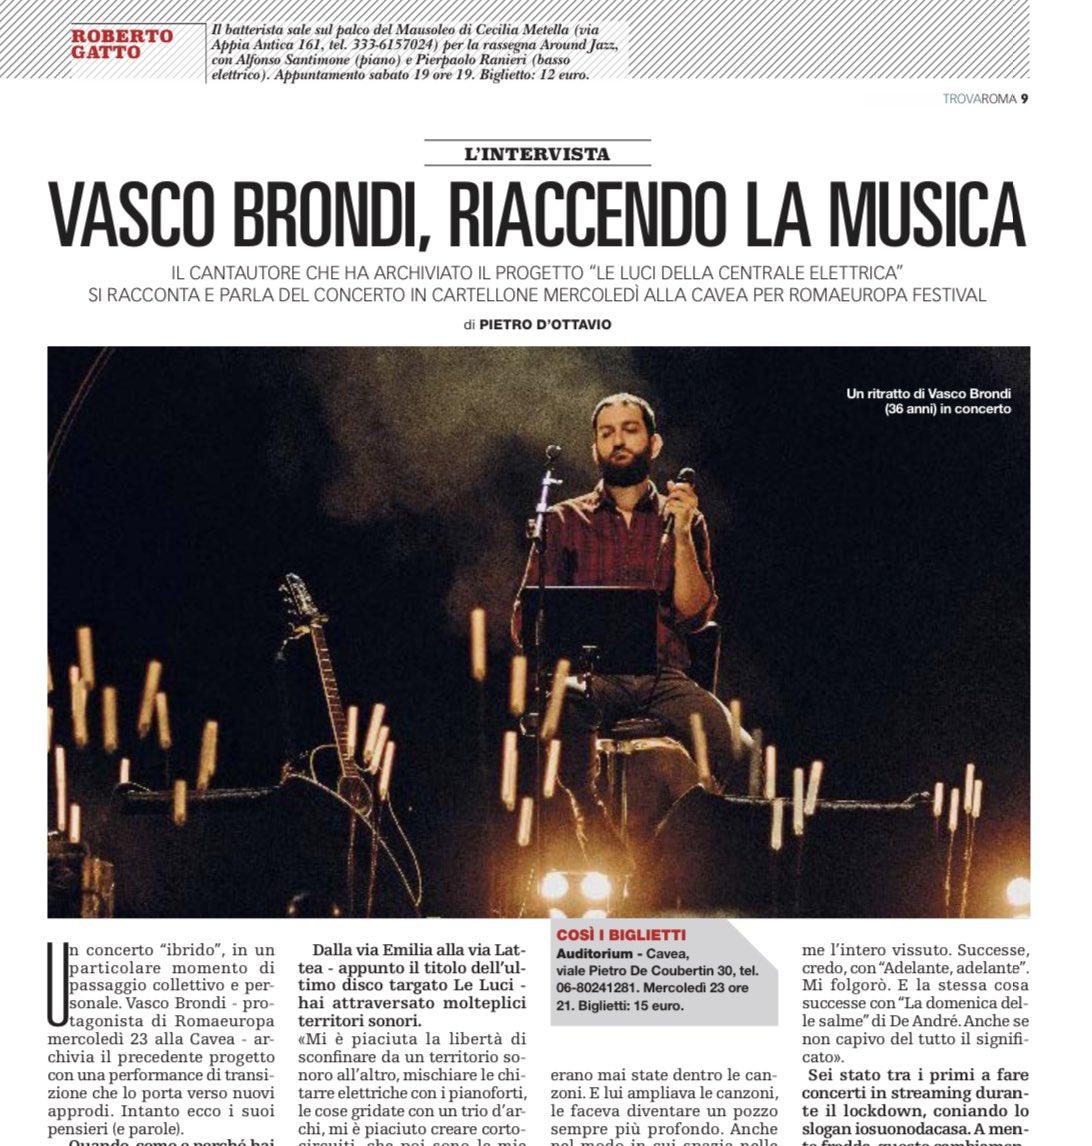 Il cantautore @vasco_brondi si racconta a Pietro D'Ottavio e parla del concerto in calendario alla Cavea dell'@AuditoriumPdM per @Romaeuropa. Sul #TrovaRoma di oggi, in edicola con @repubblica. https://t.co/AMxAiQvmOn